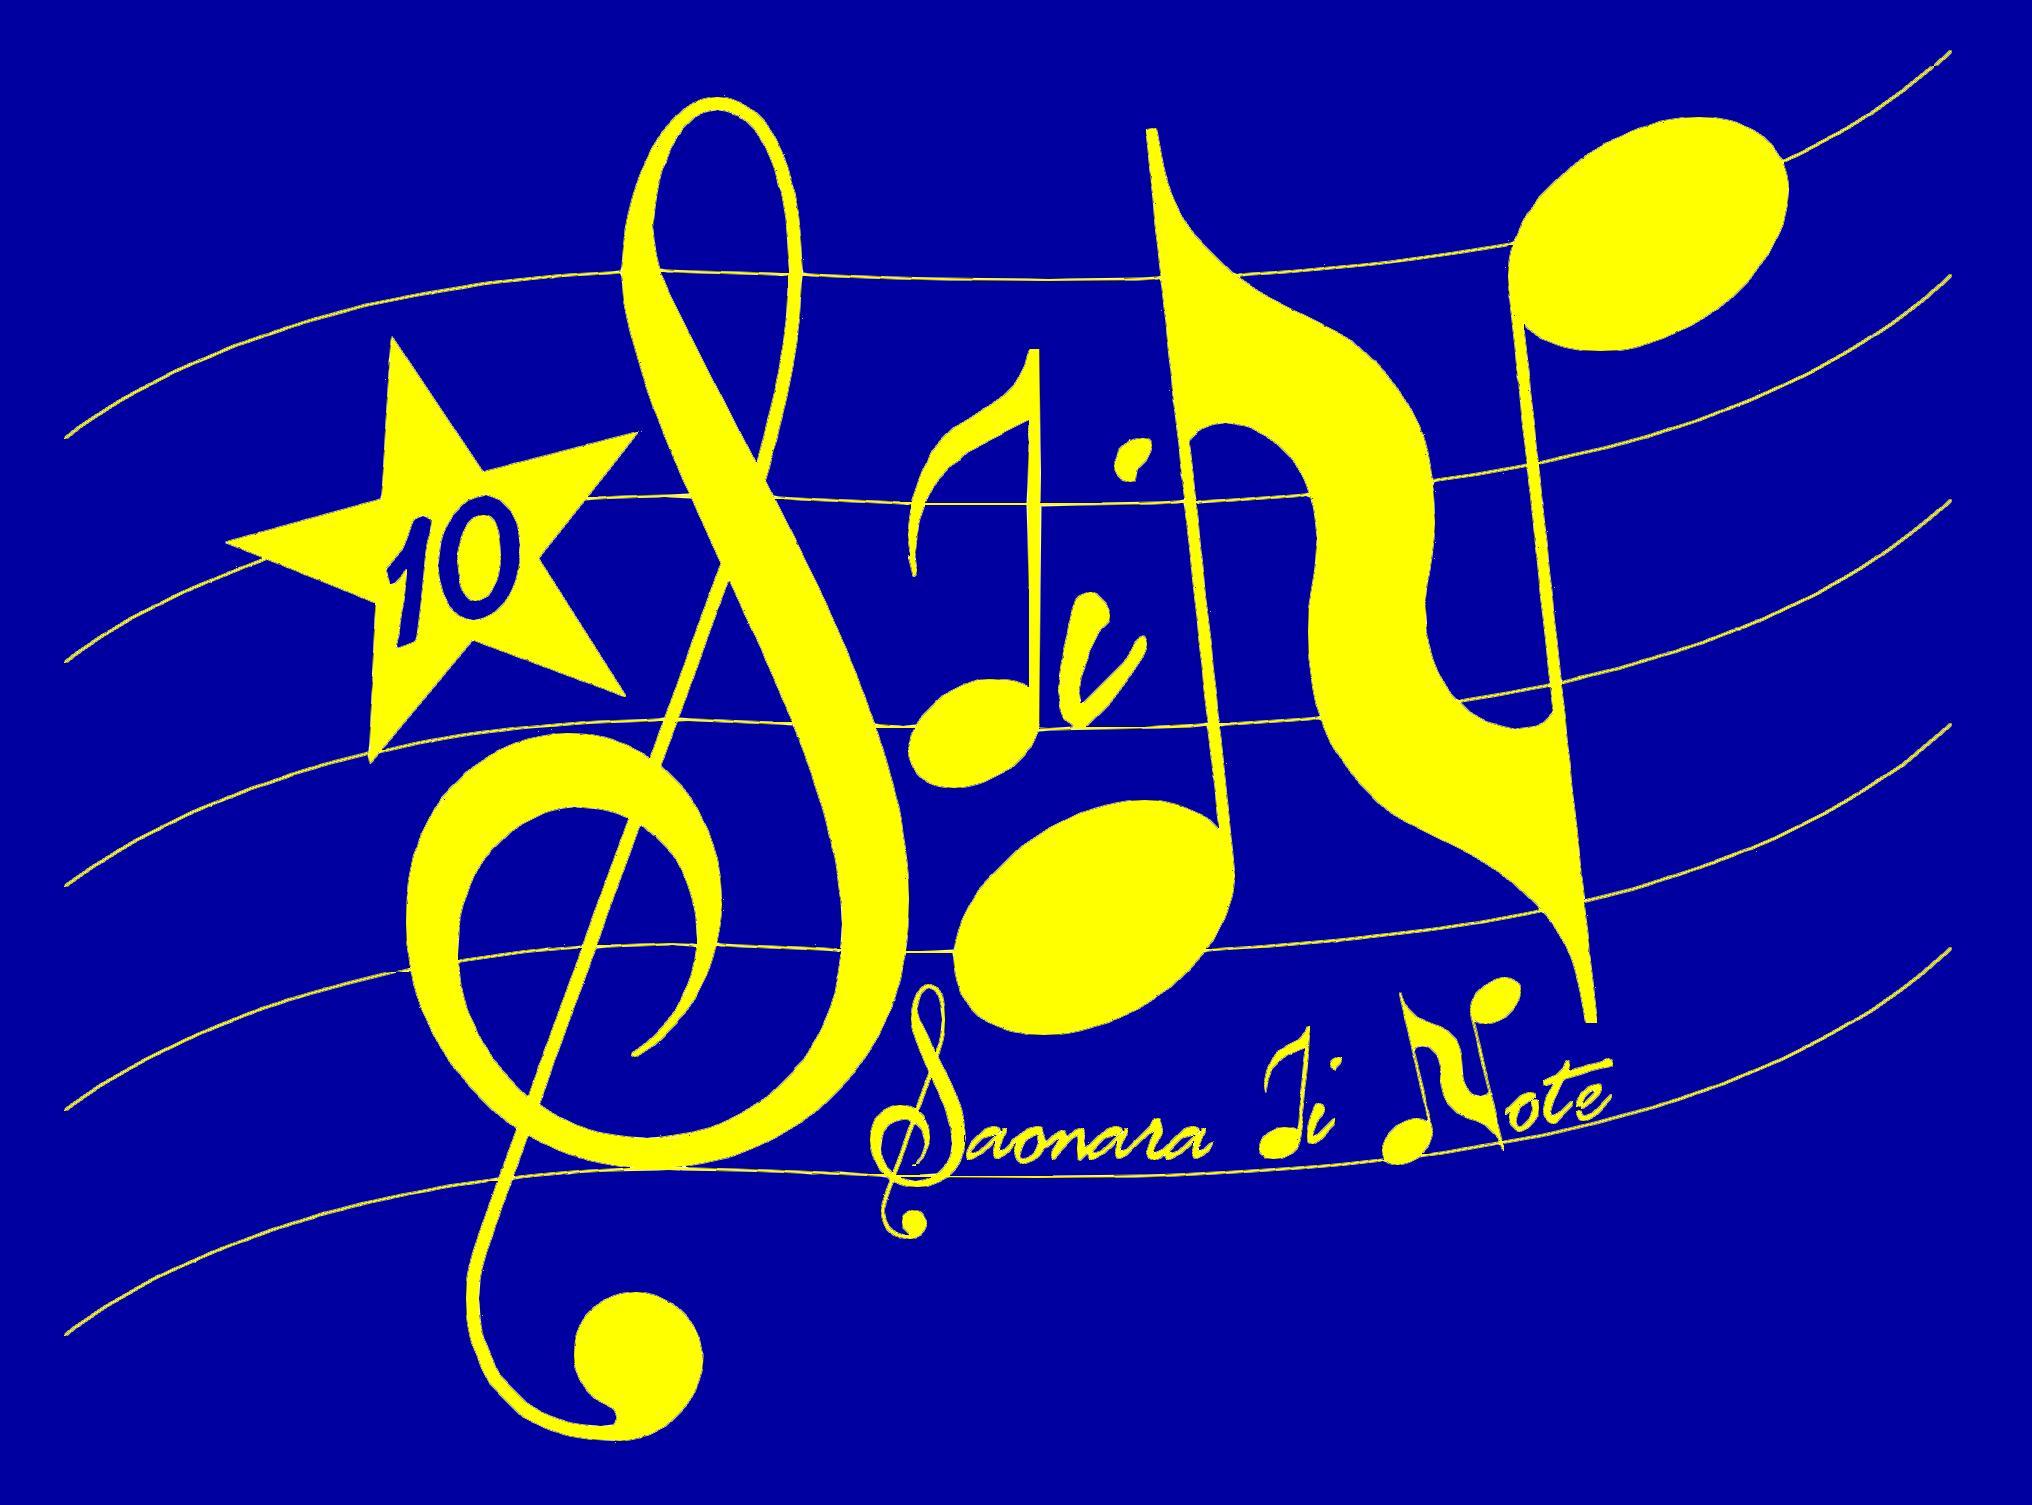 logo Saonara di Note